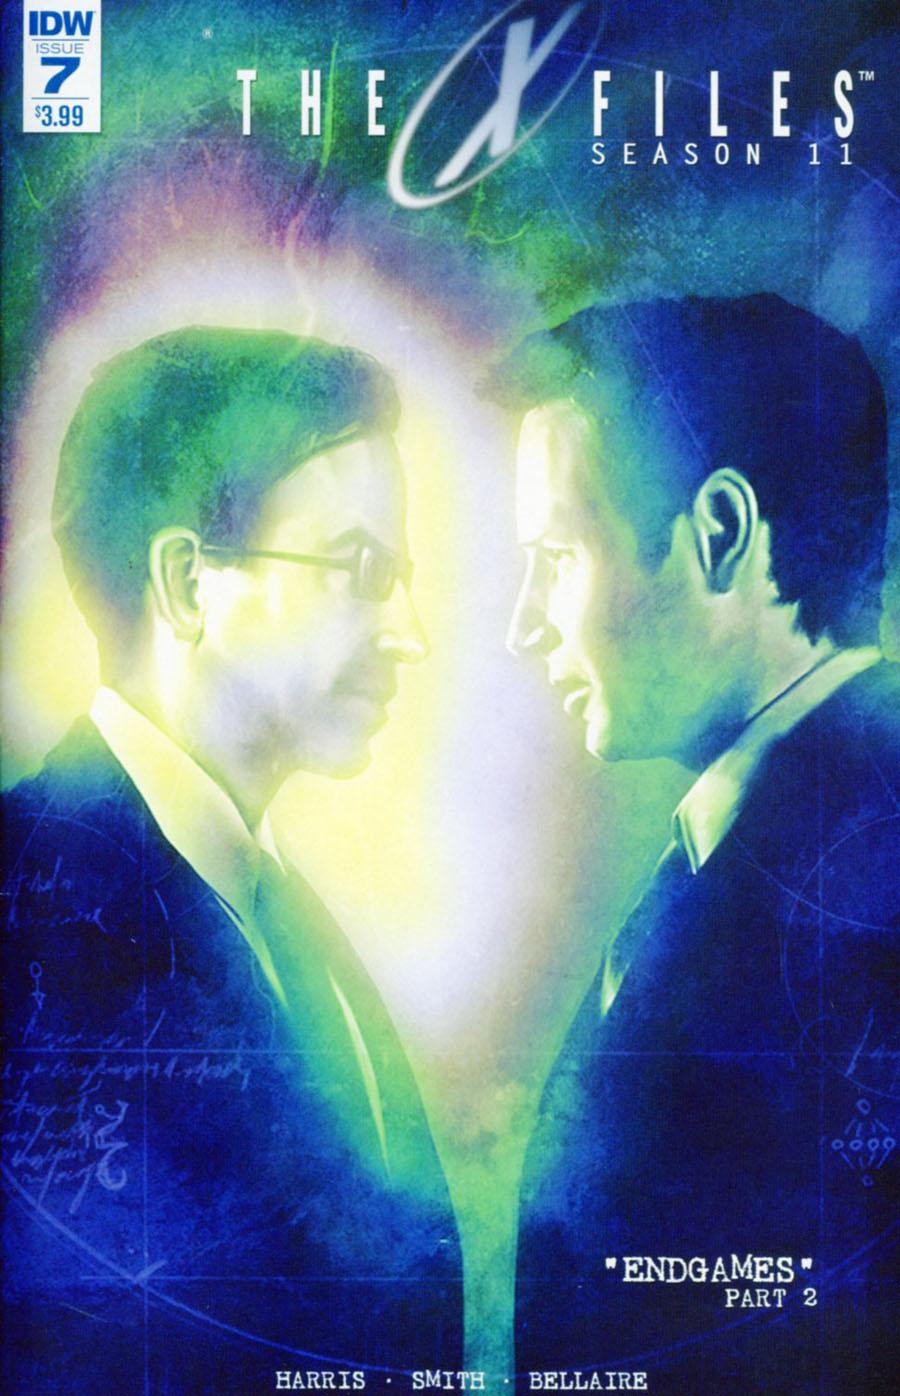 X-Files Season 11 #7 Cover A Regular Menton3 Cover